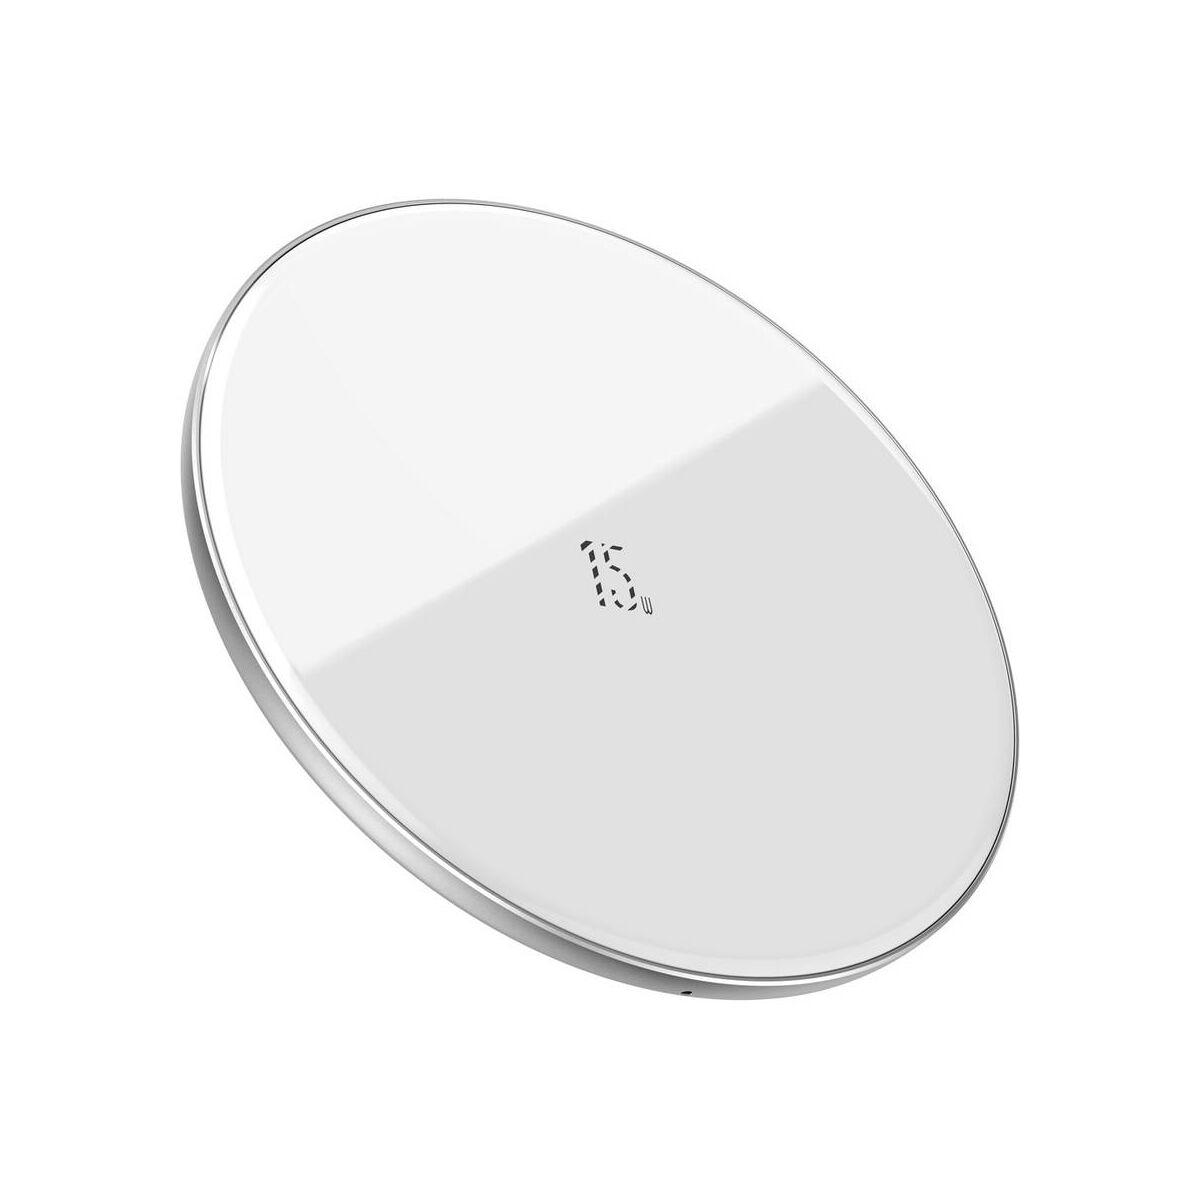 Baseus vezeték nélküli töltő, Simple 2-in-1 frisített verzió, telefon + AirPods, 15W, fehér (WXJK-B02)